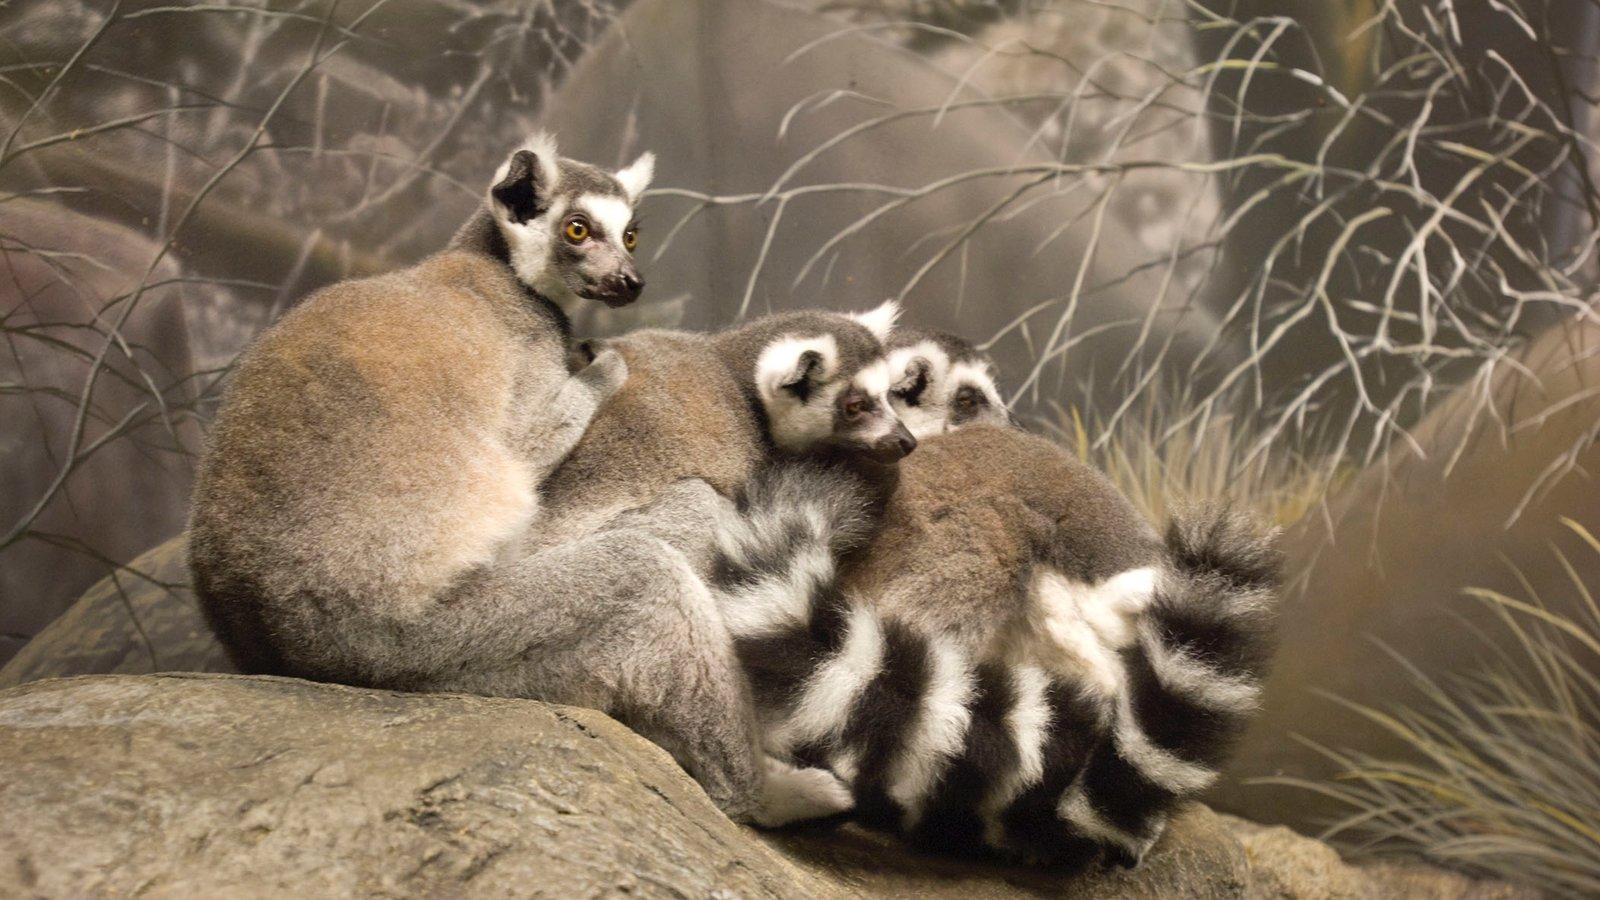 Henry Doorly Zoo mostrando animais de zoológico, animais e animais fofos ou amigáveis